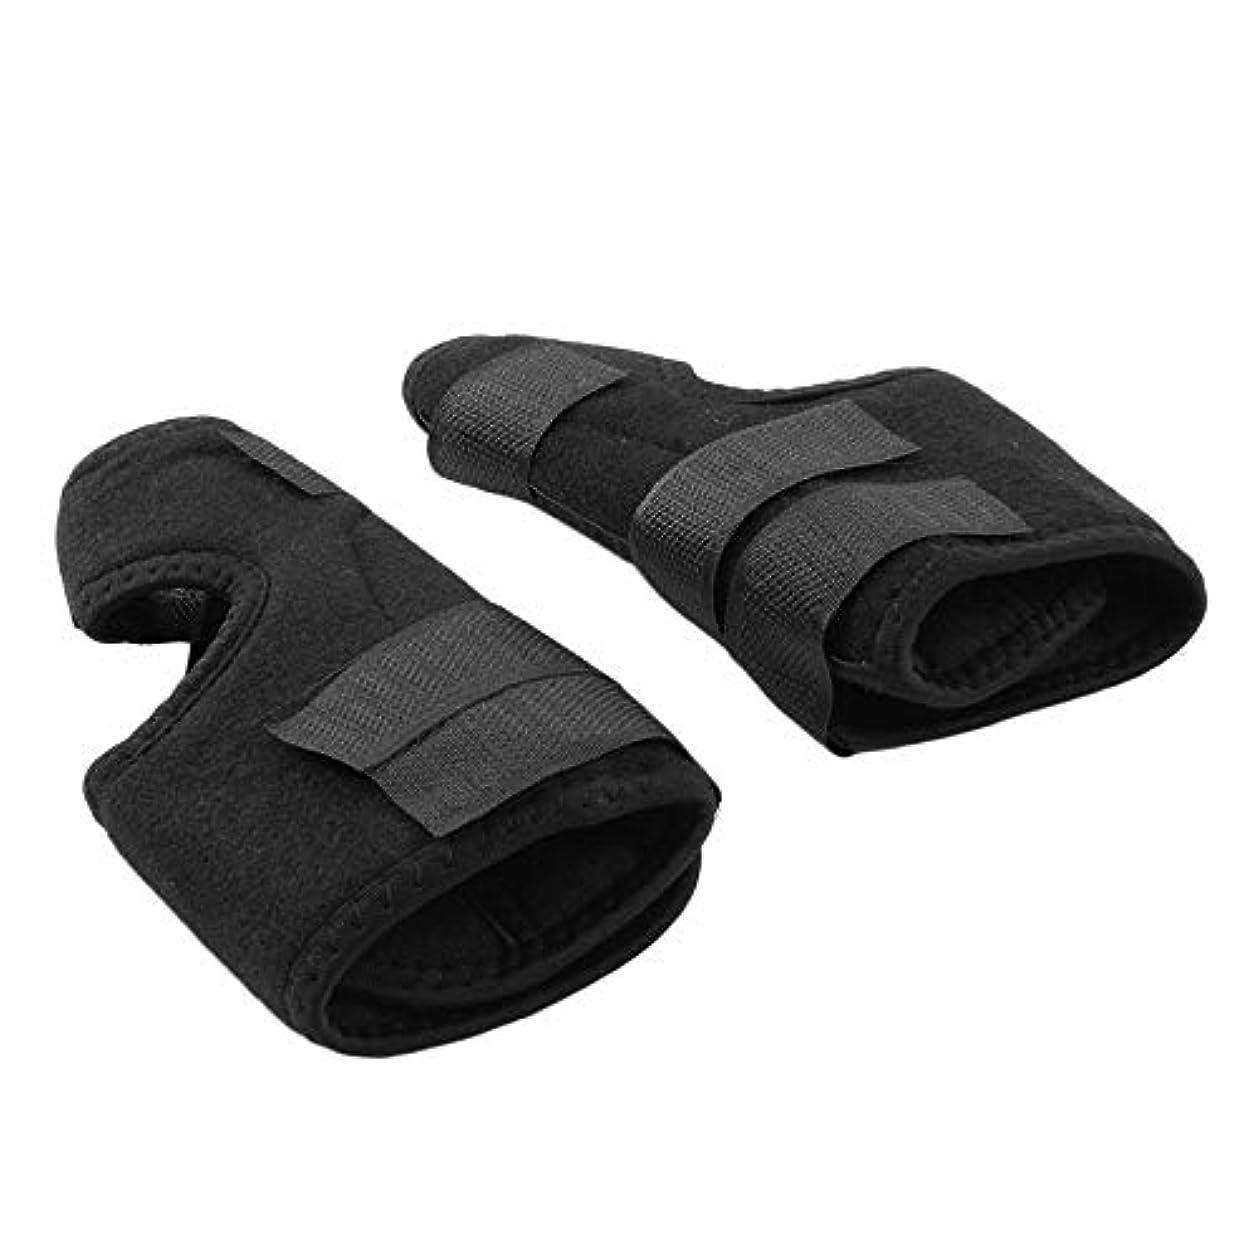 不良品控えめな洞察力のある1Pair Soft Bunion Corrector Toe Separator Splint Correction Medical Hallux Valgus Foot Care Pedicure Orthotics...